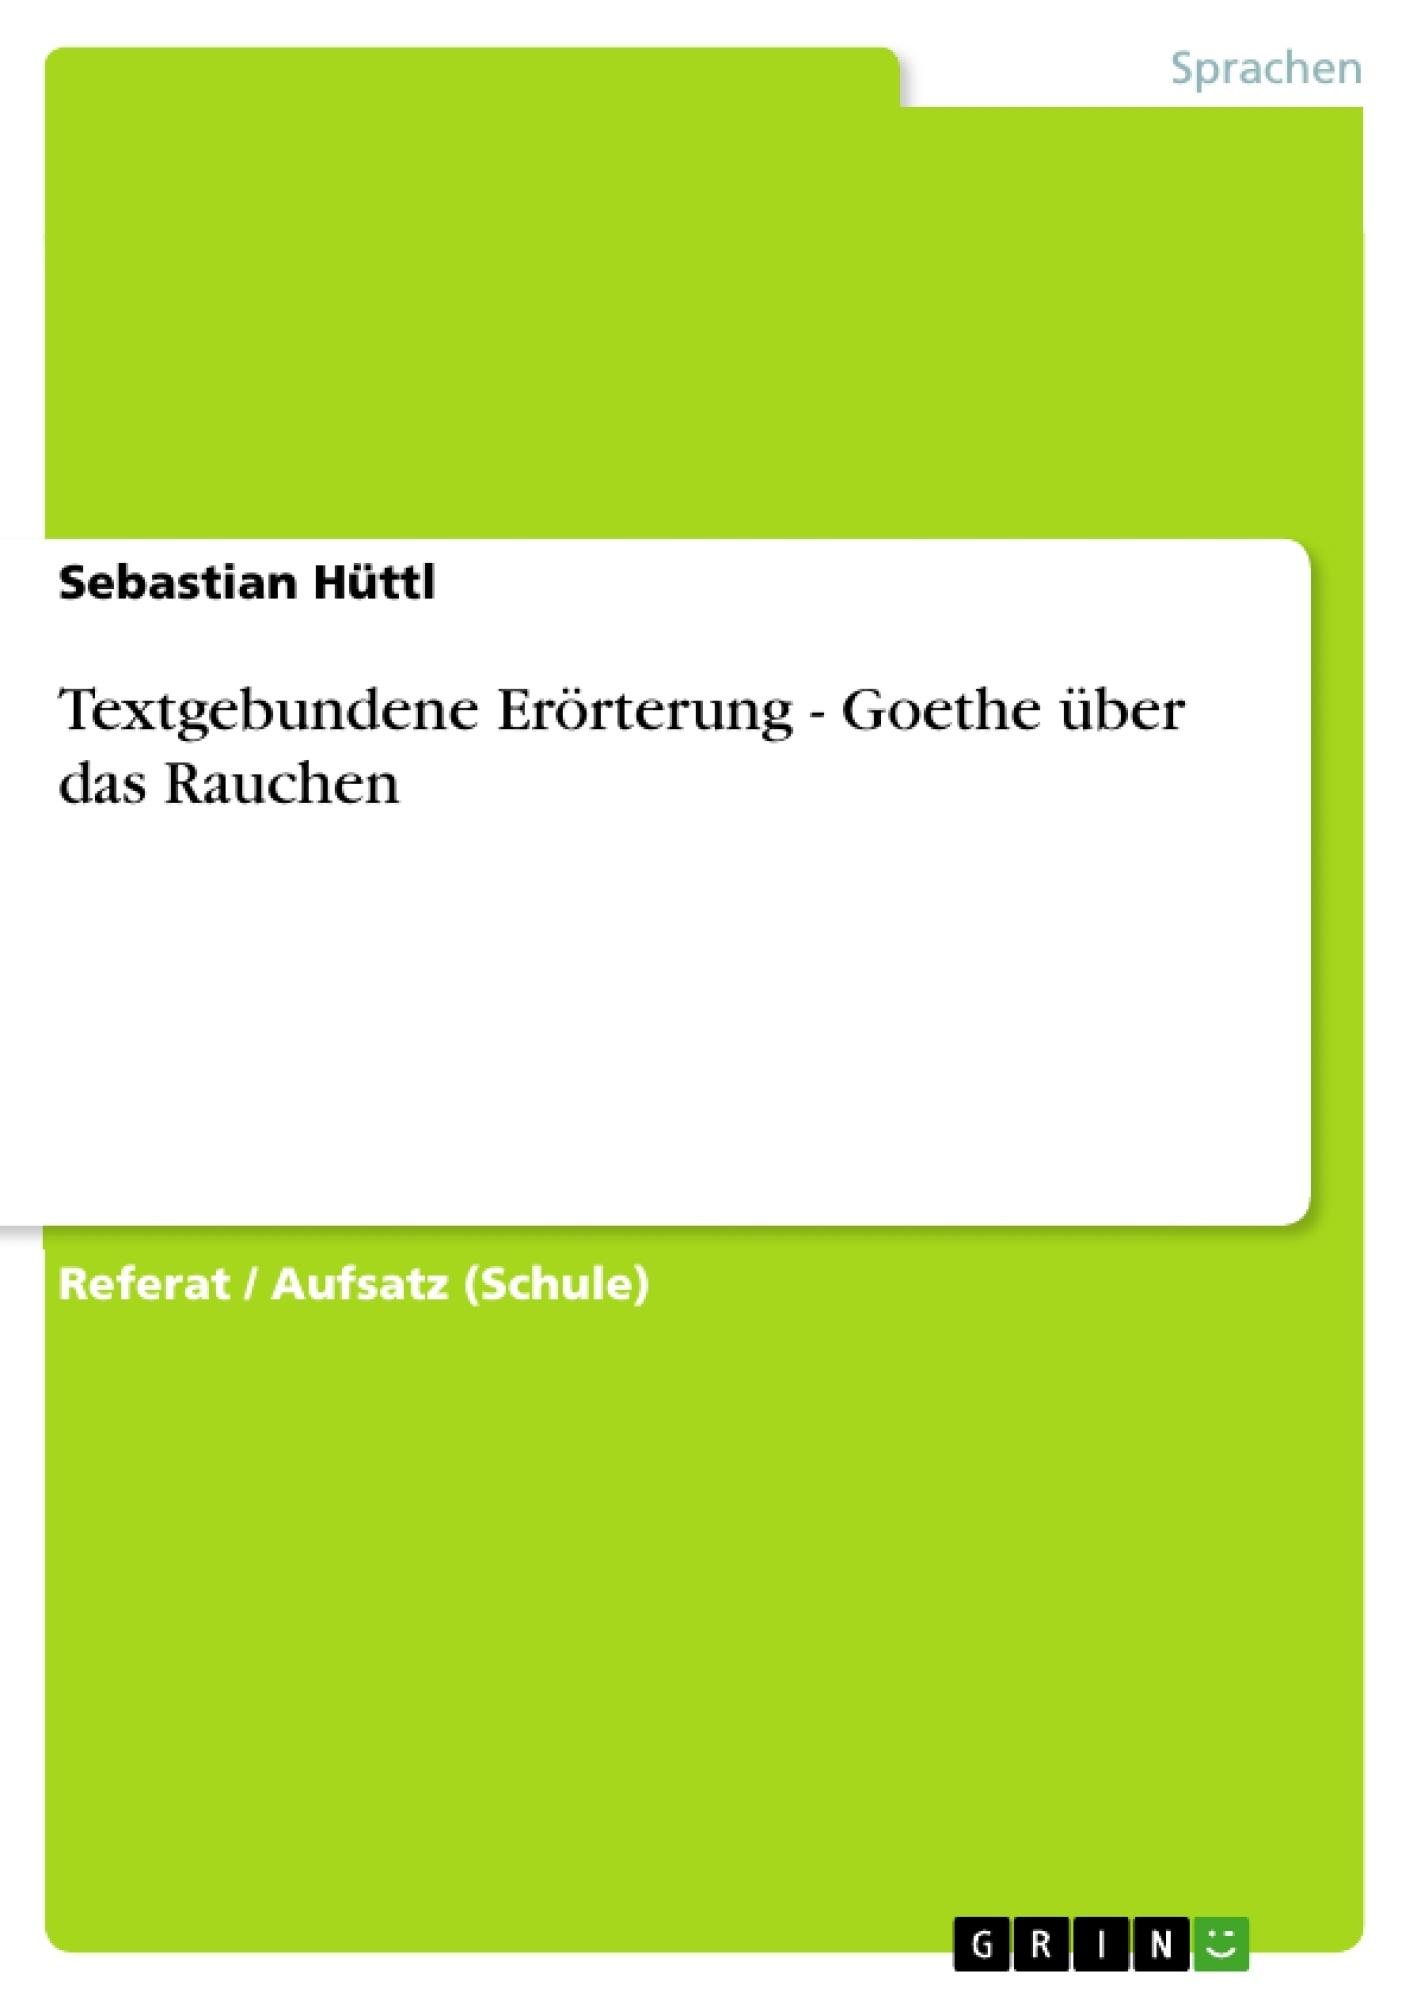 Titel: Textgebundene Erörterung - Goethe über das Rauchen